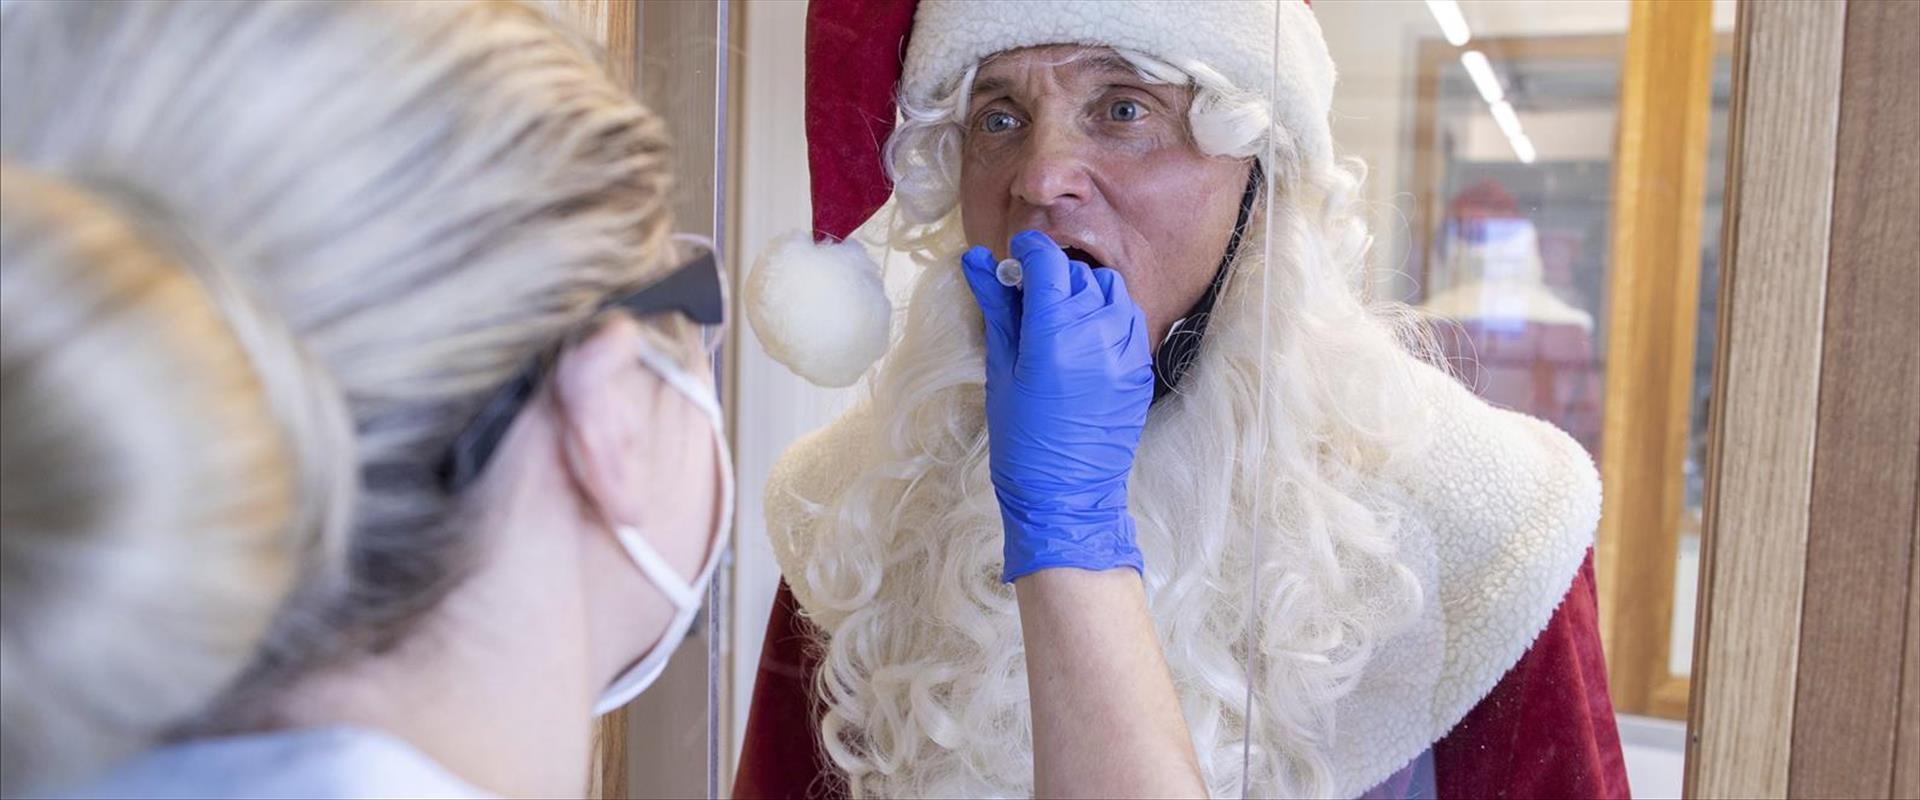 אדם המחופש לסנטה קלאוס עושה בדיקת קורונה בגרמניה